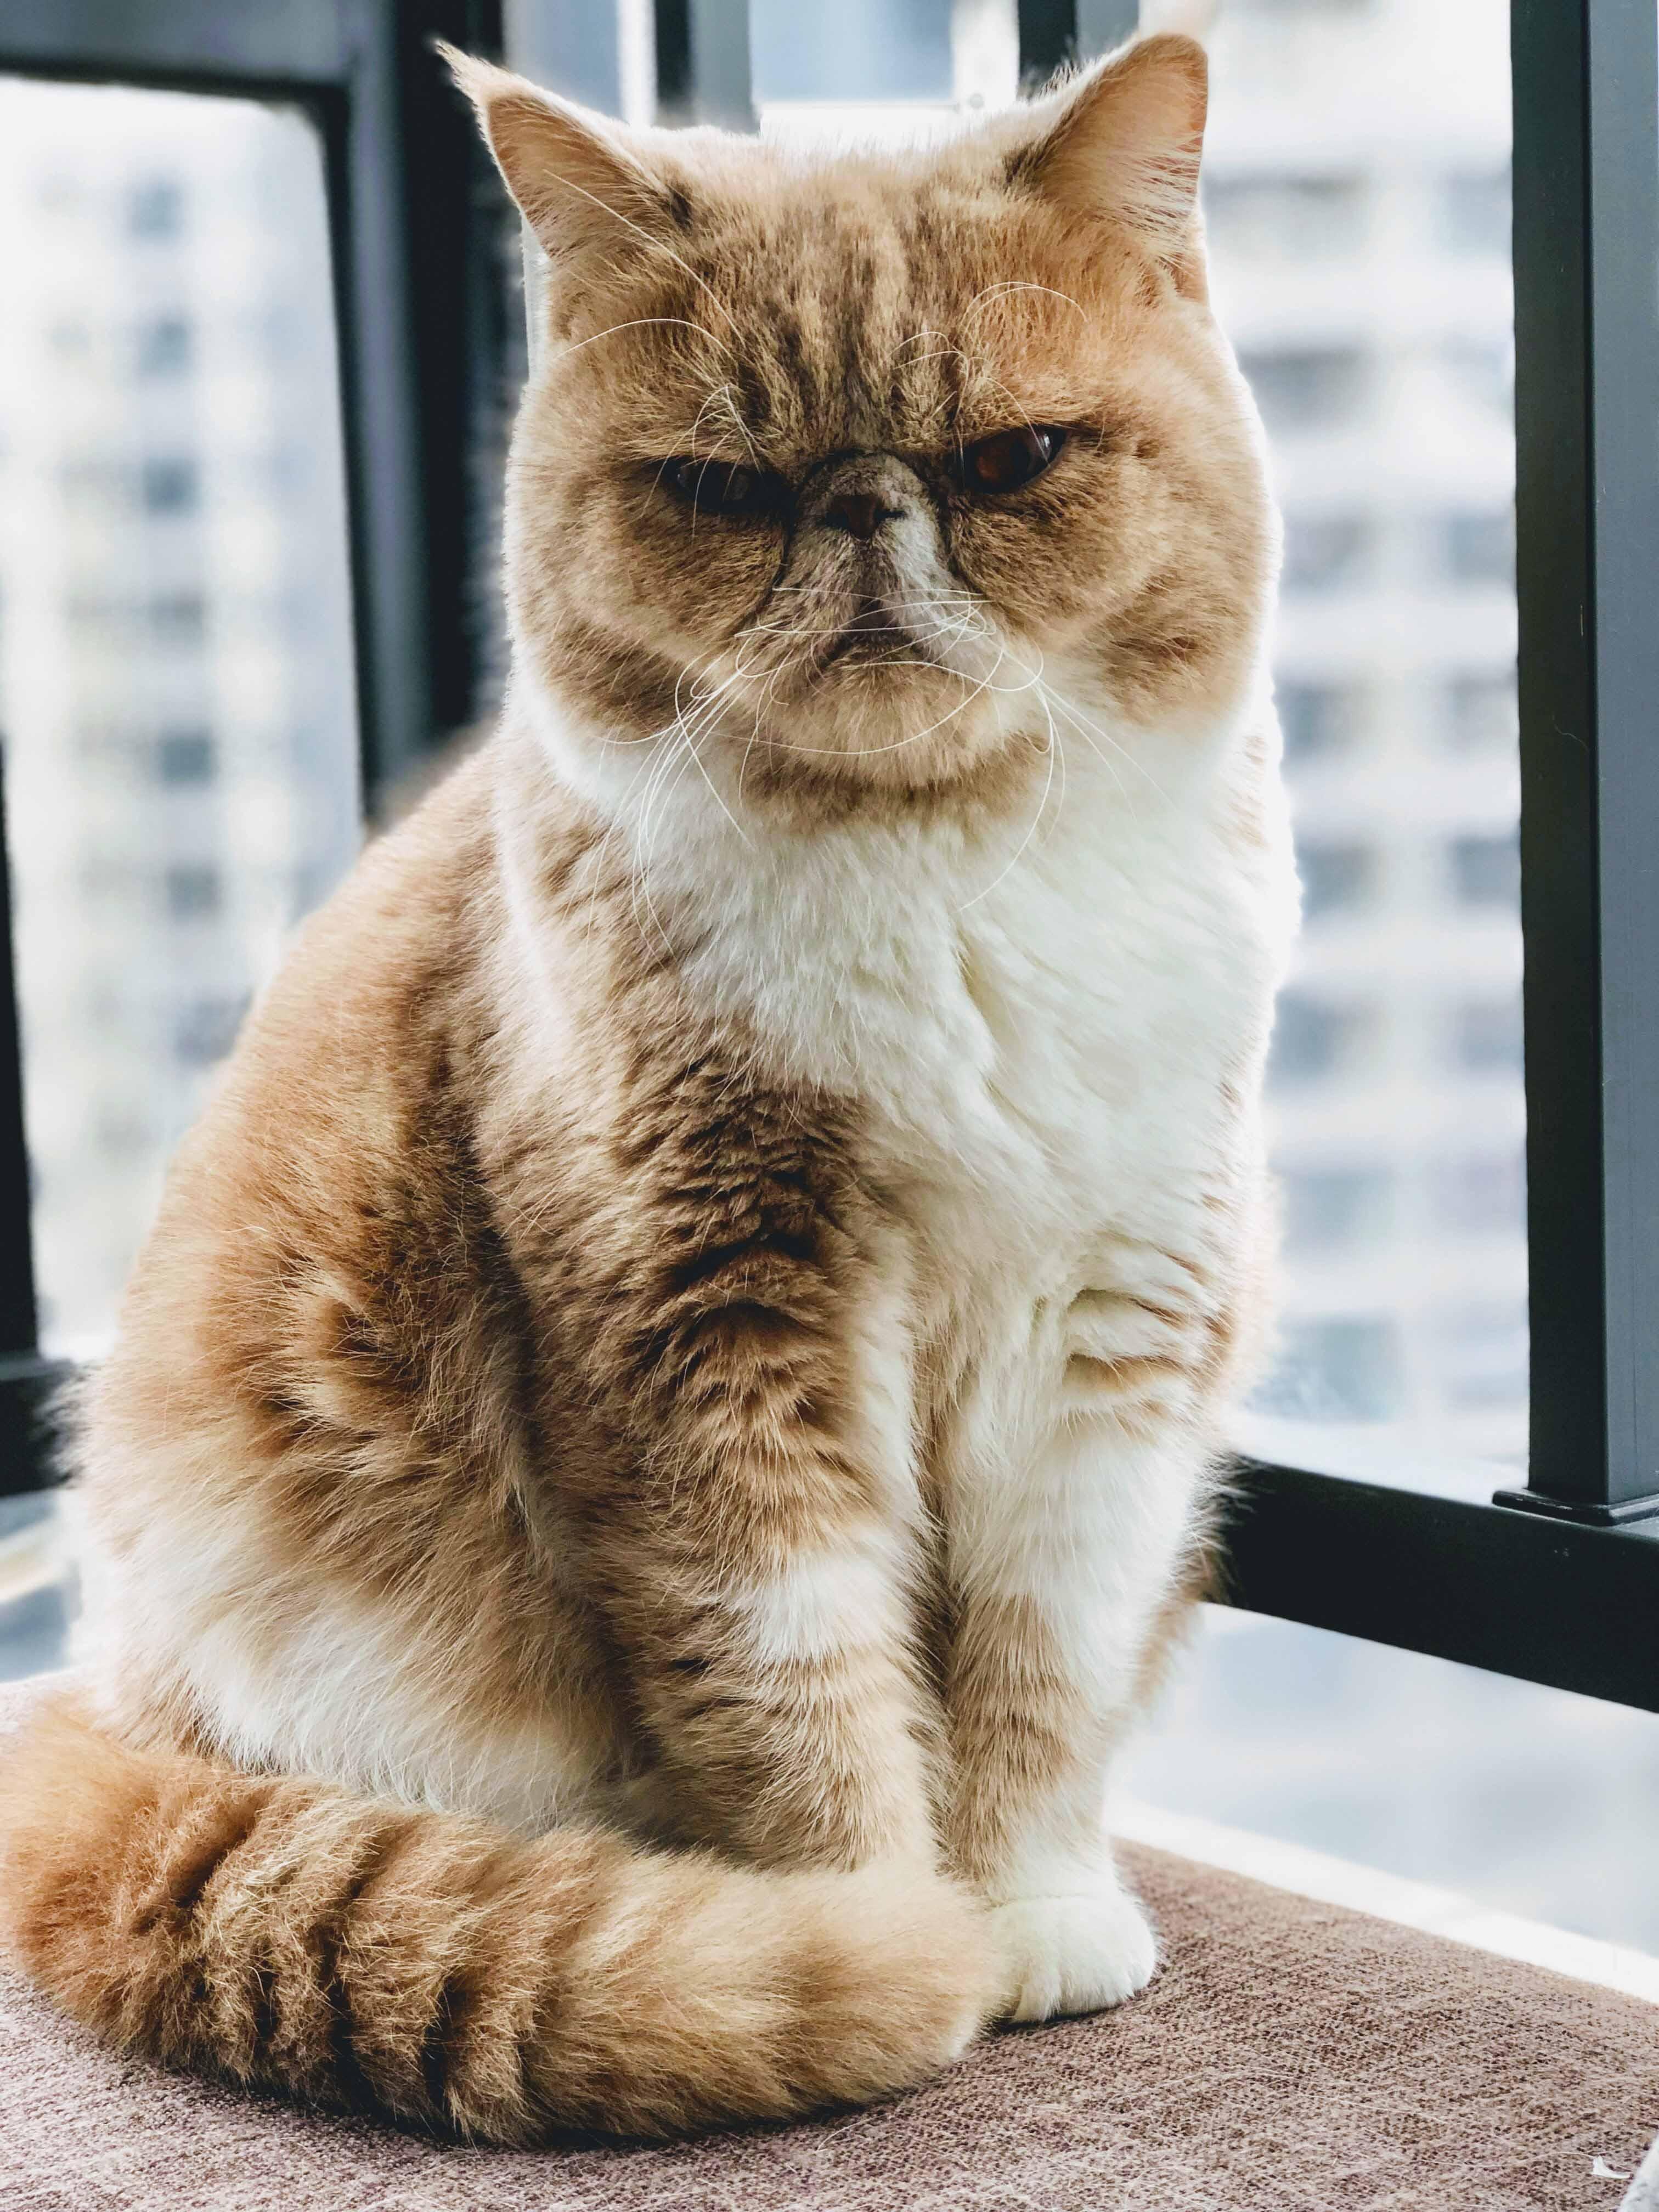 Ciência diz que gatos reconhecem